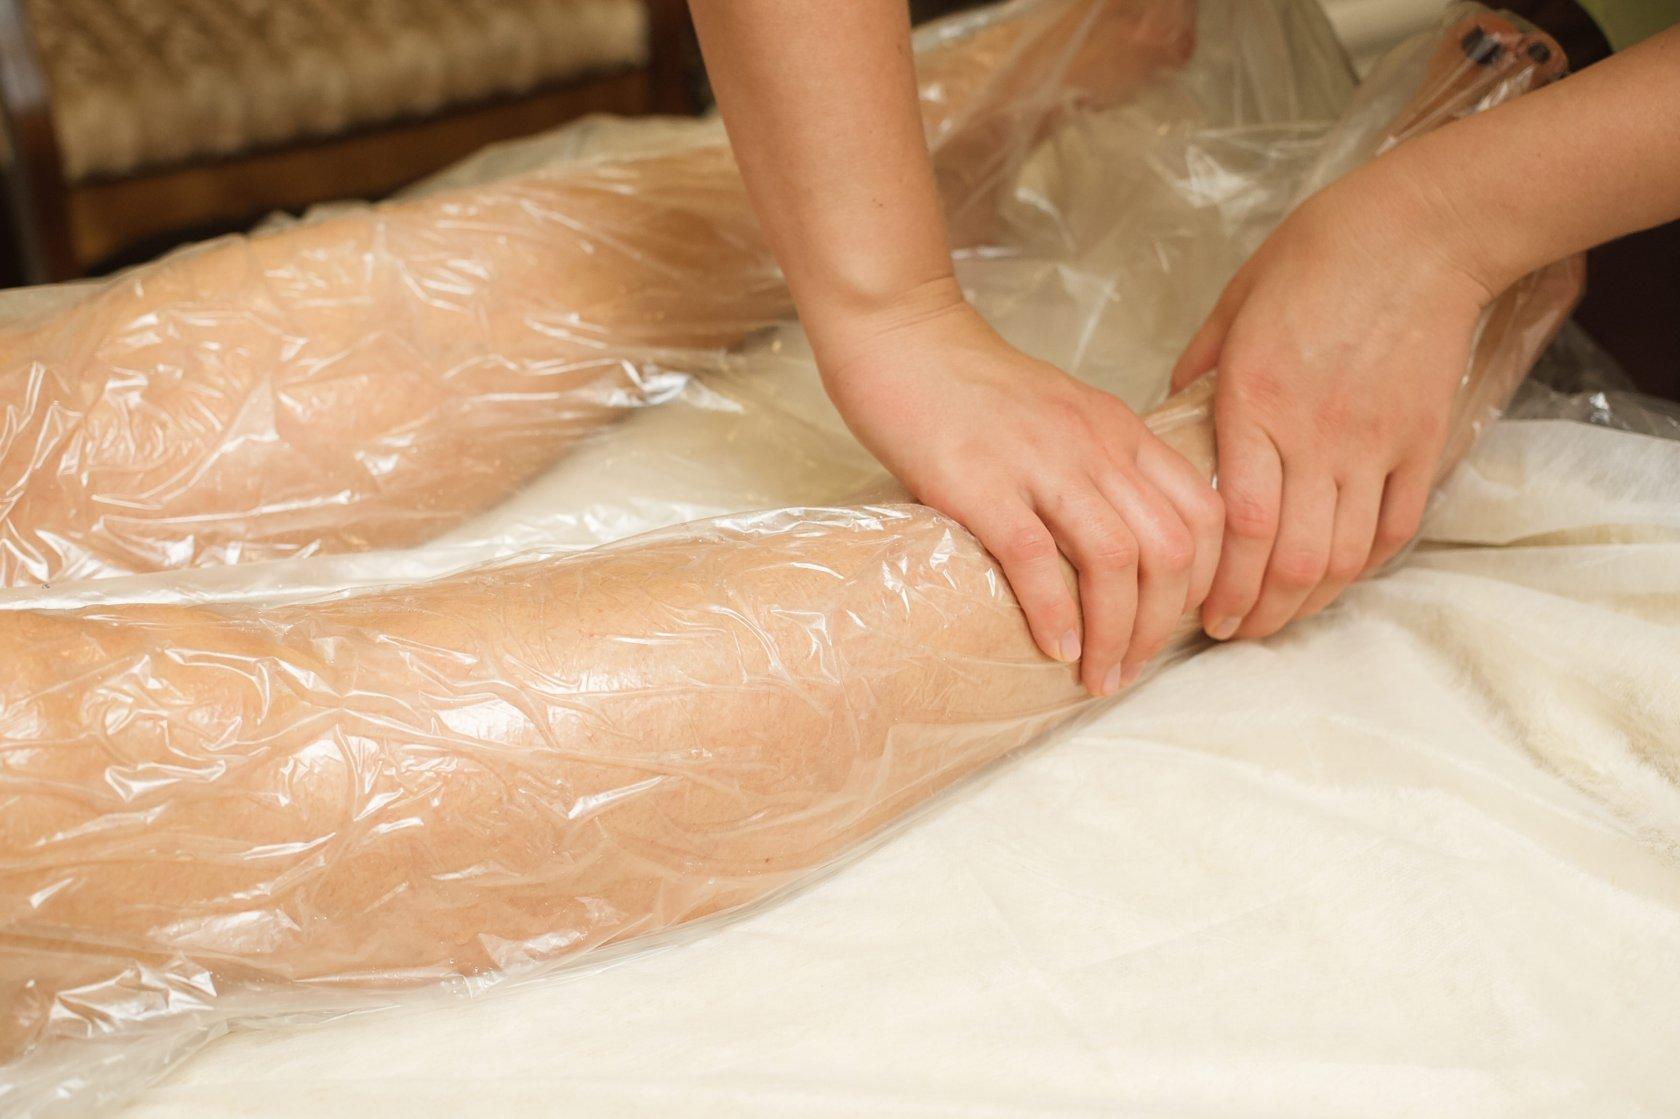 Обертывания от целлюлита в домашних условиях: рецепты, как правильно 15